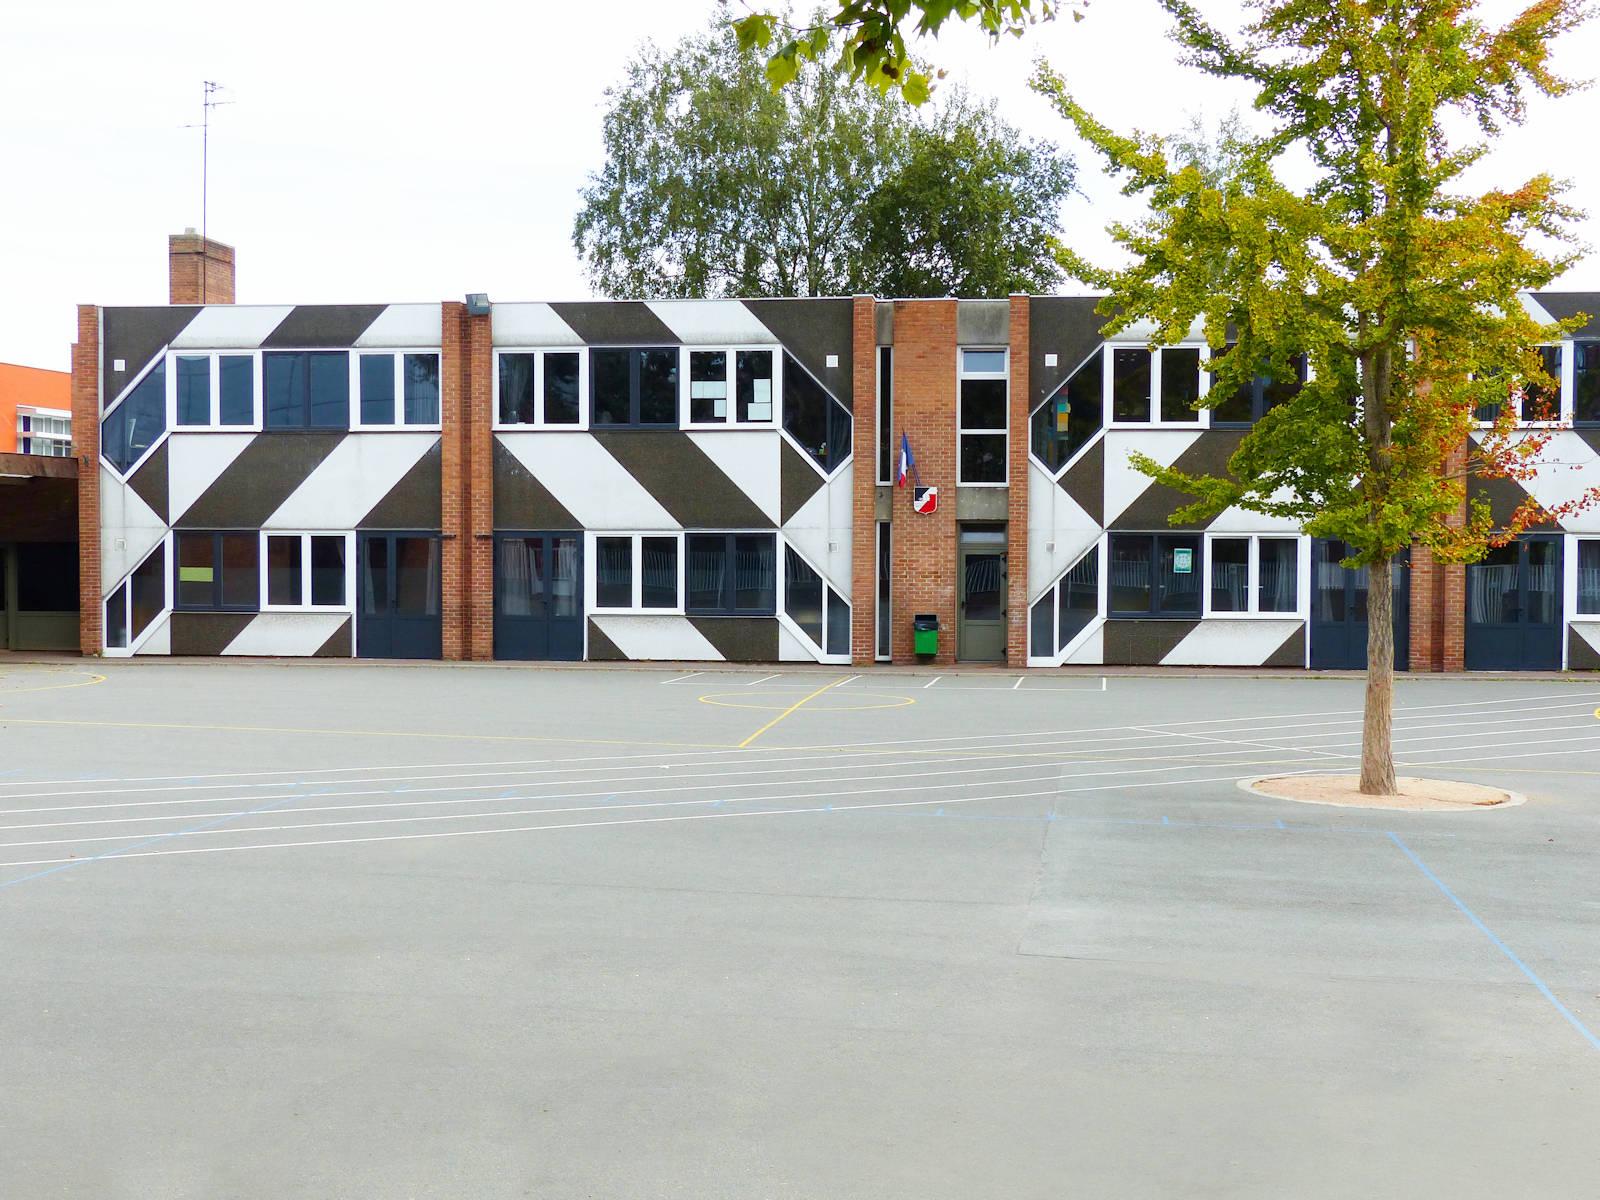 Cour de récréation, école Bonnot, Tourcoing.